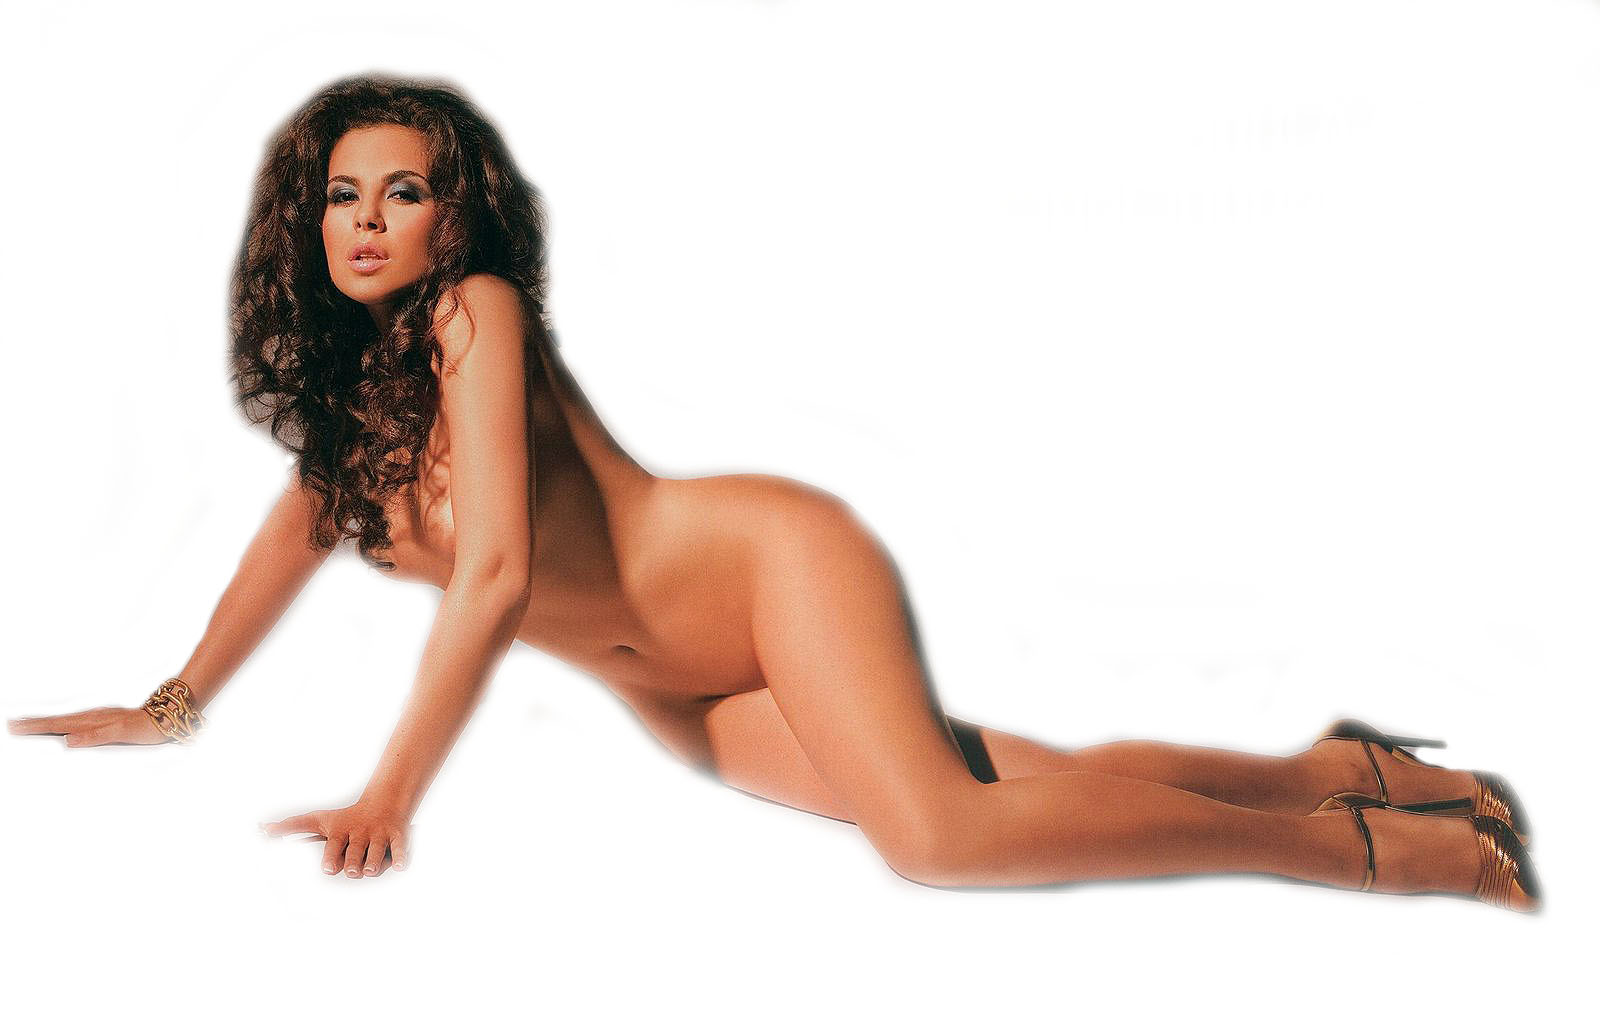 kamenskih-v-pleyboe-seks-krasivie-massazh